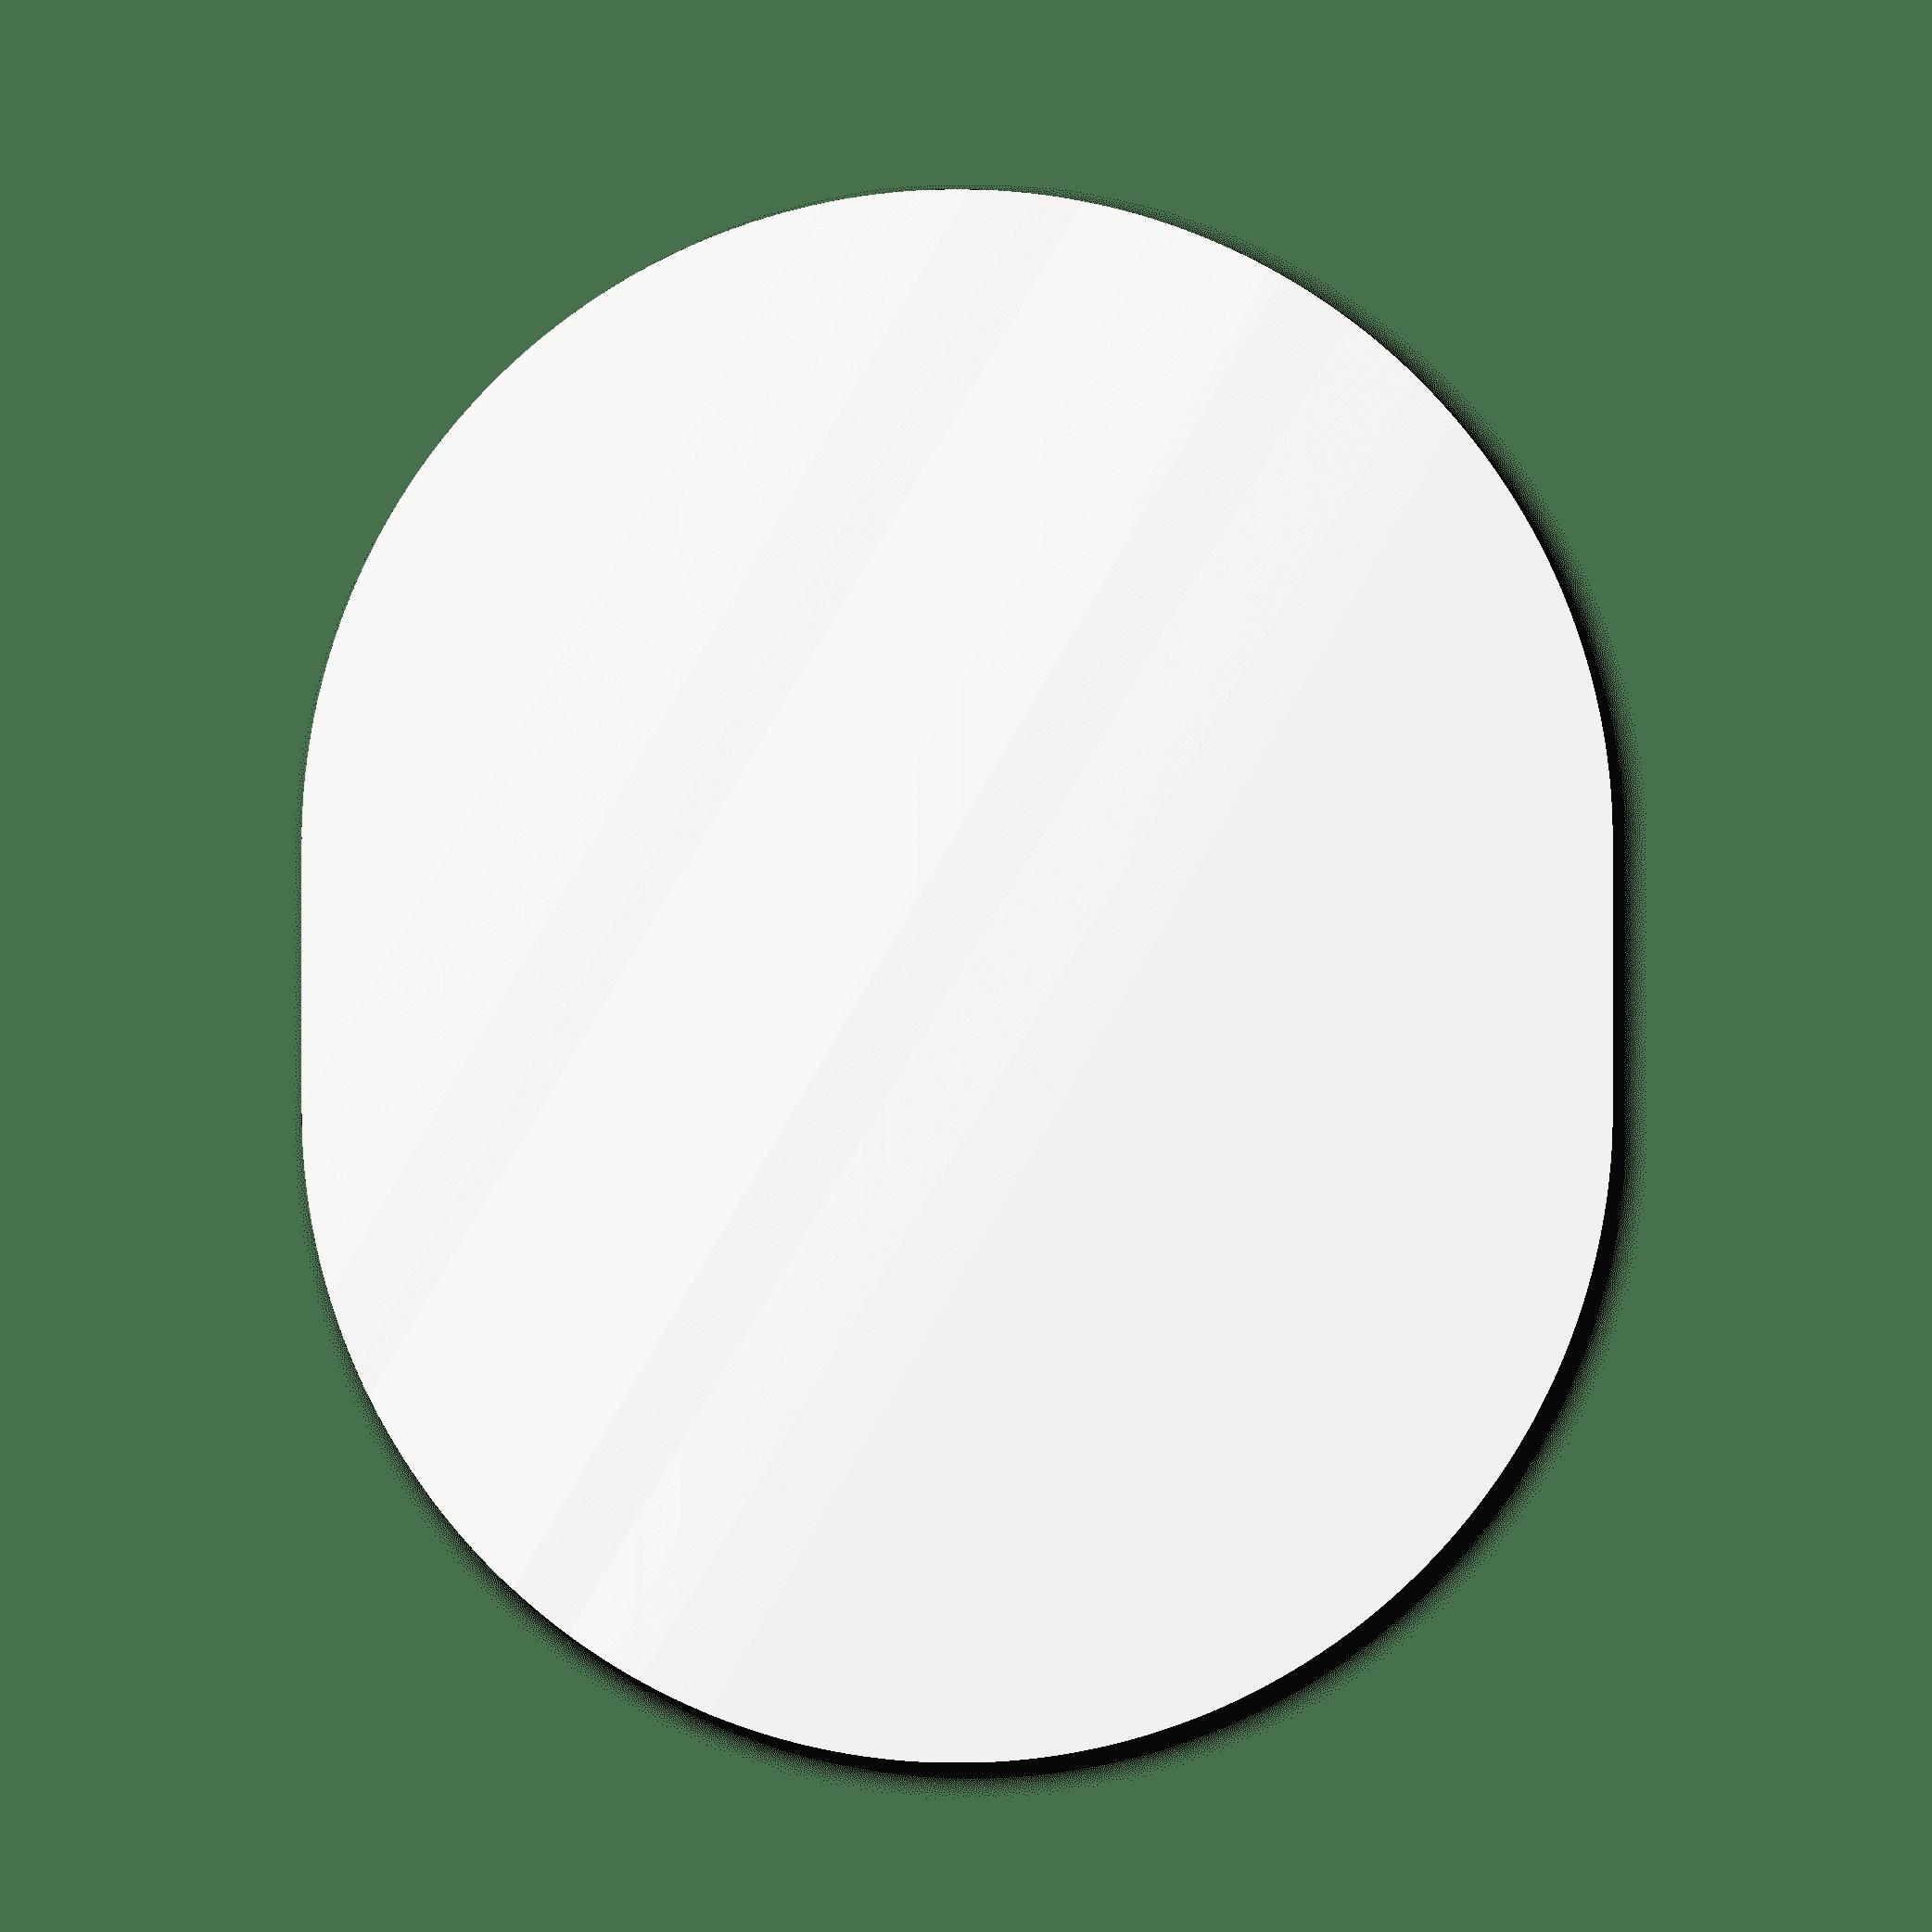 Фигурное зеркало 1700×1200 мм осветленное с еврокромкой и креплением на клей